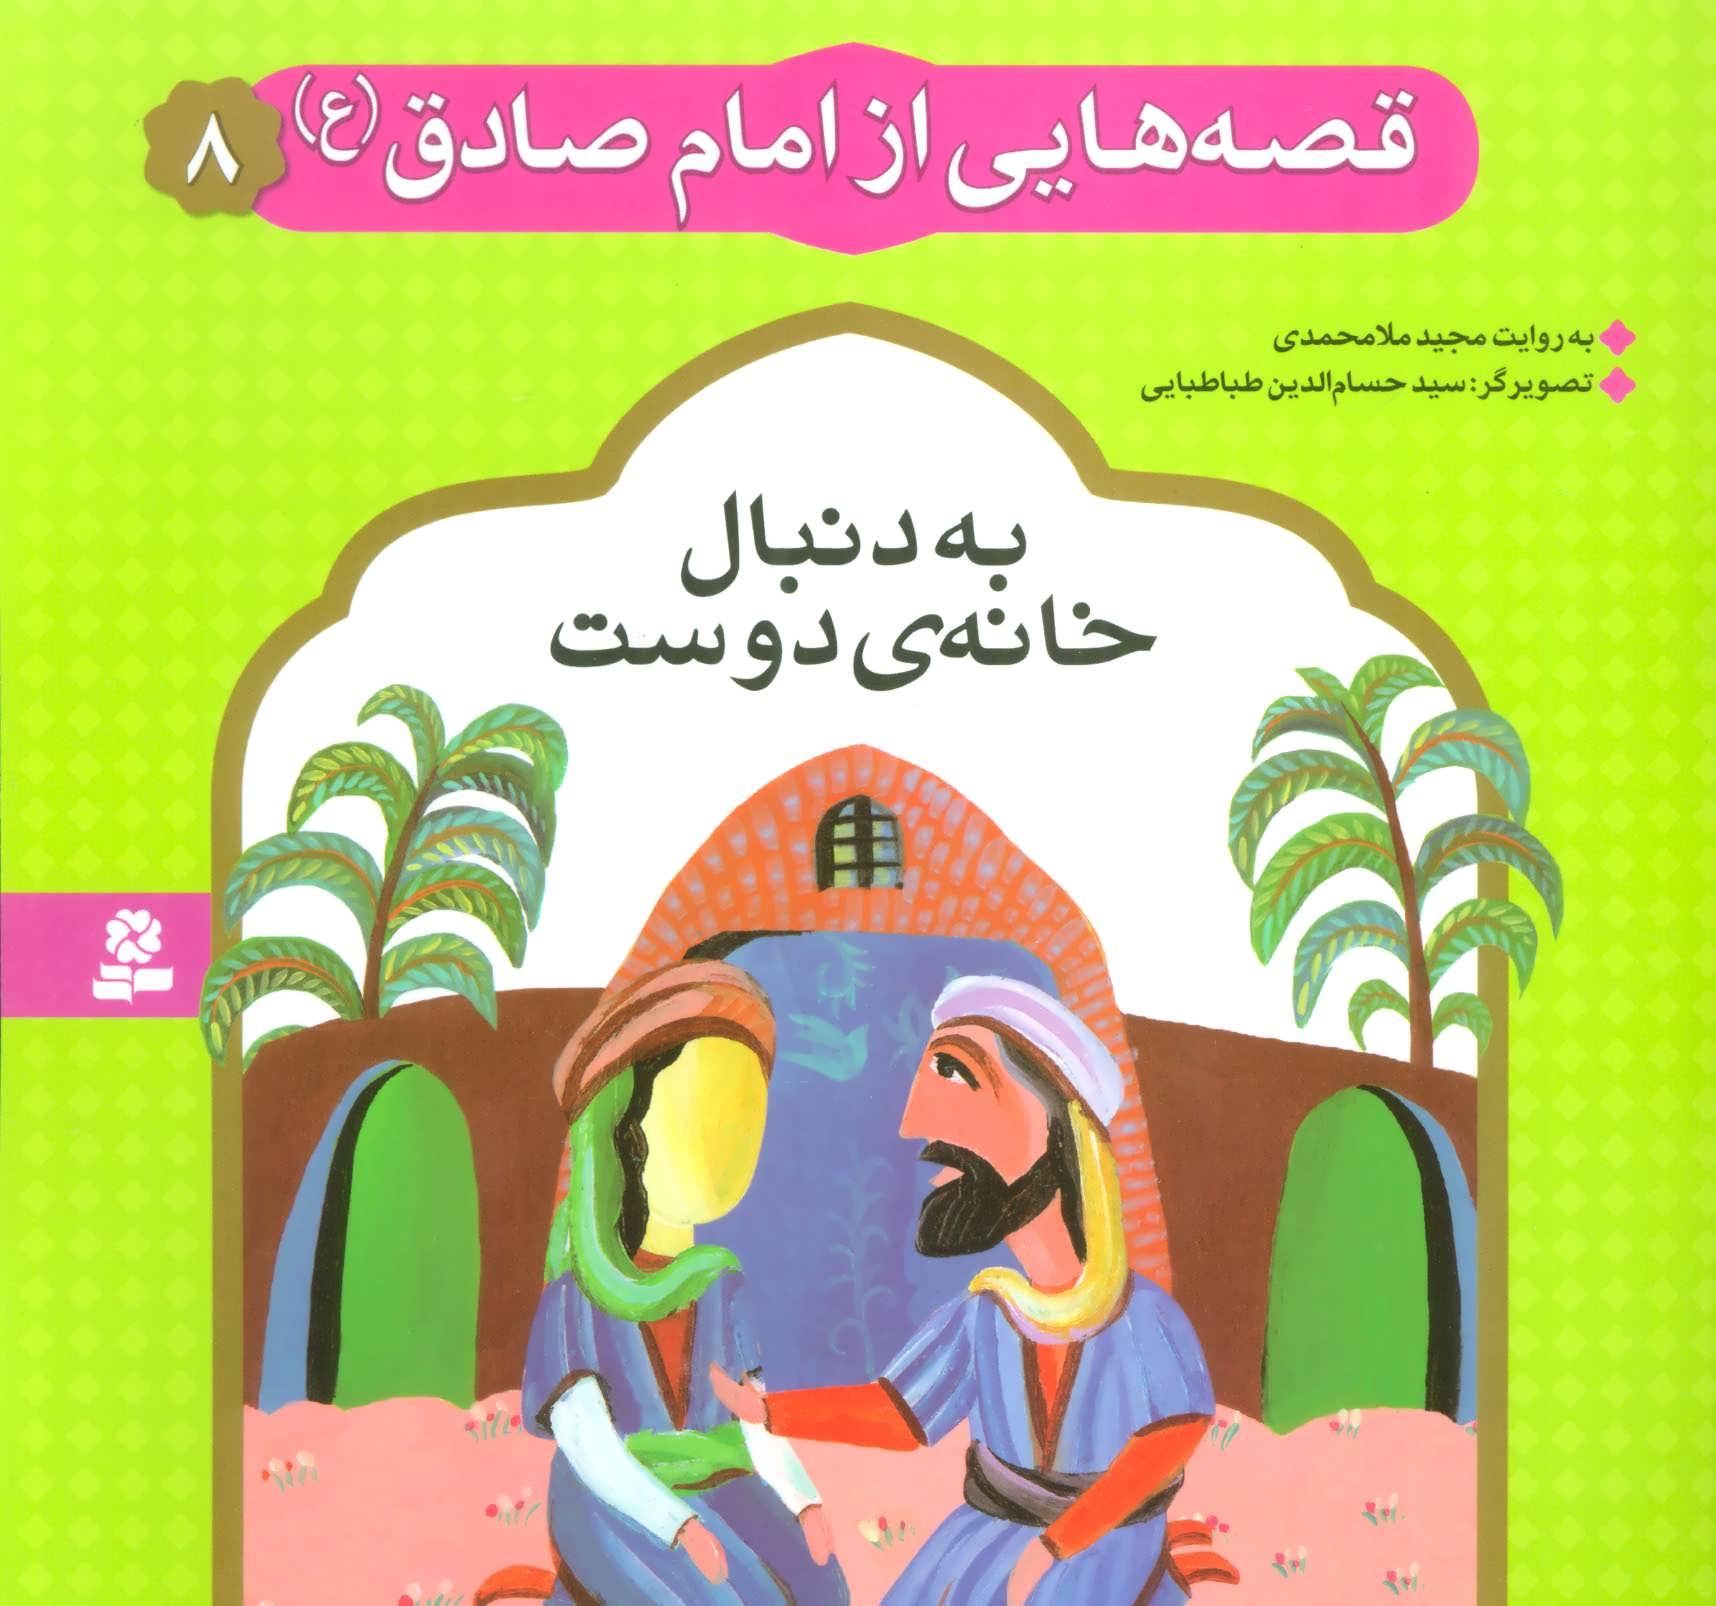 قصه هایی از امام صادق (ع) 8 (به دنبال خانه ی دوست)،(گلاسه)